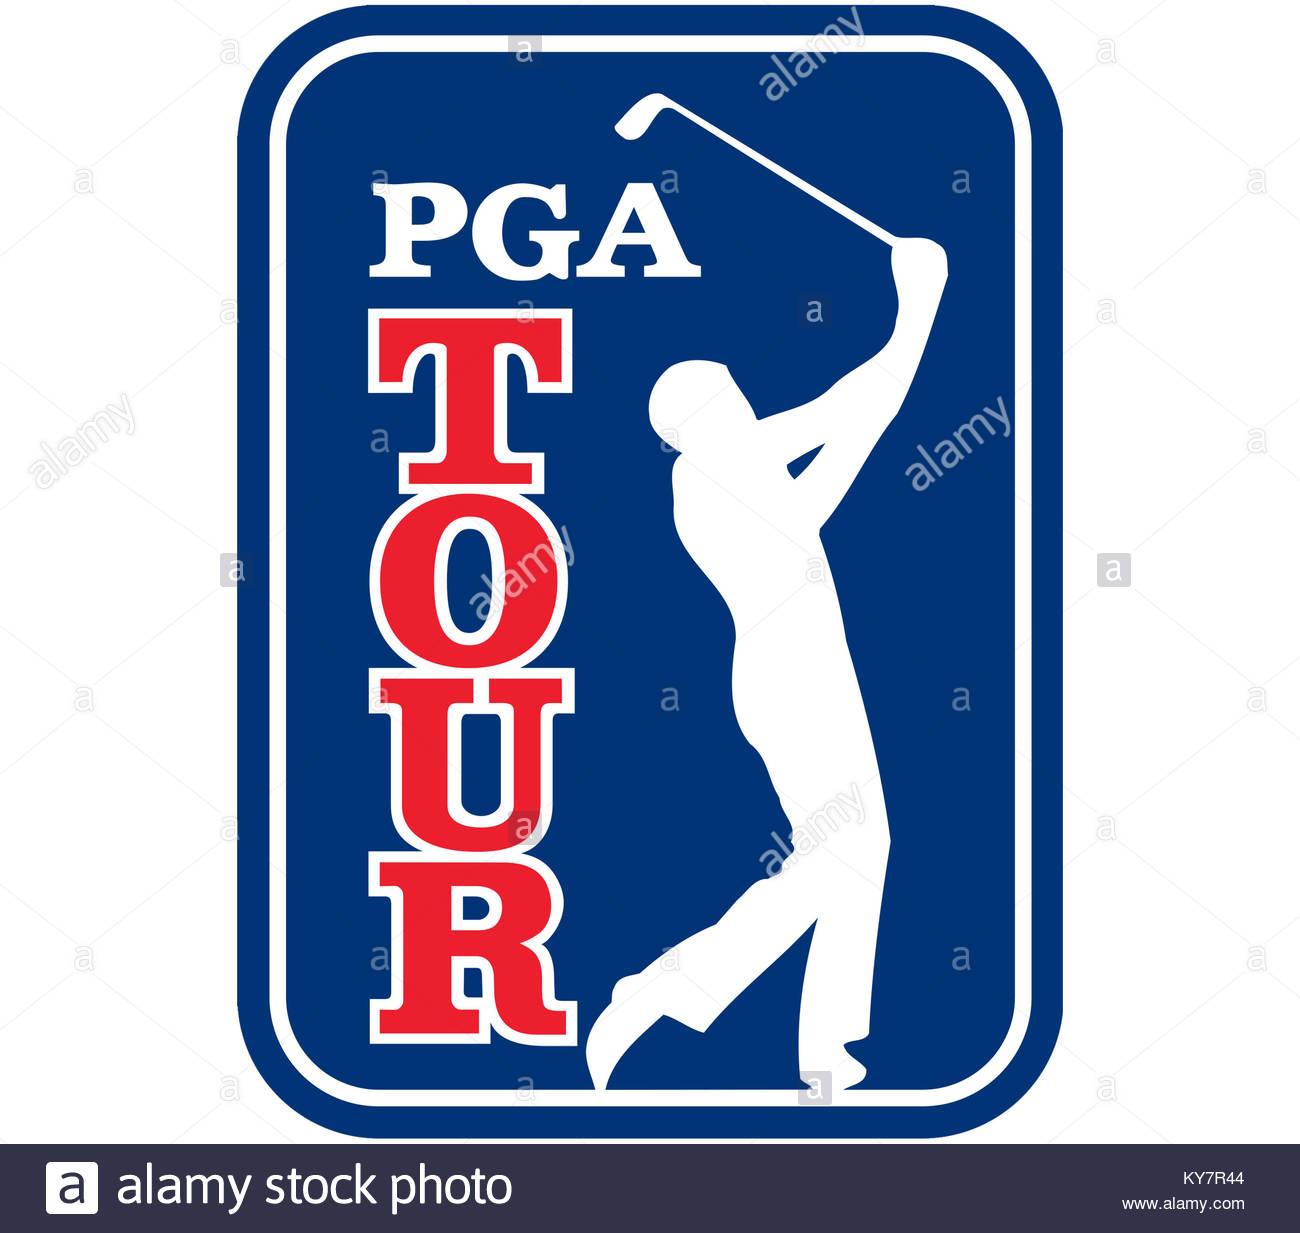 PGA Tour Golf logo icon - Stock Image